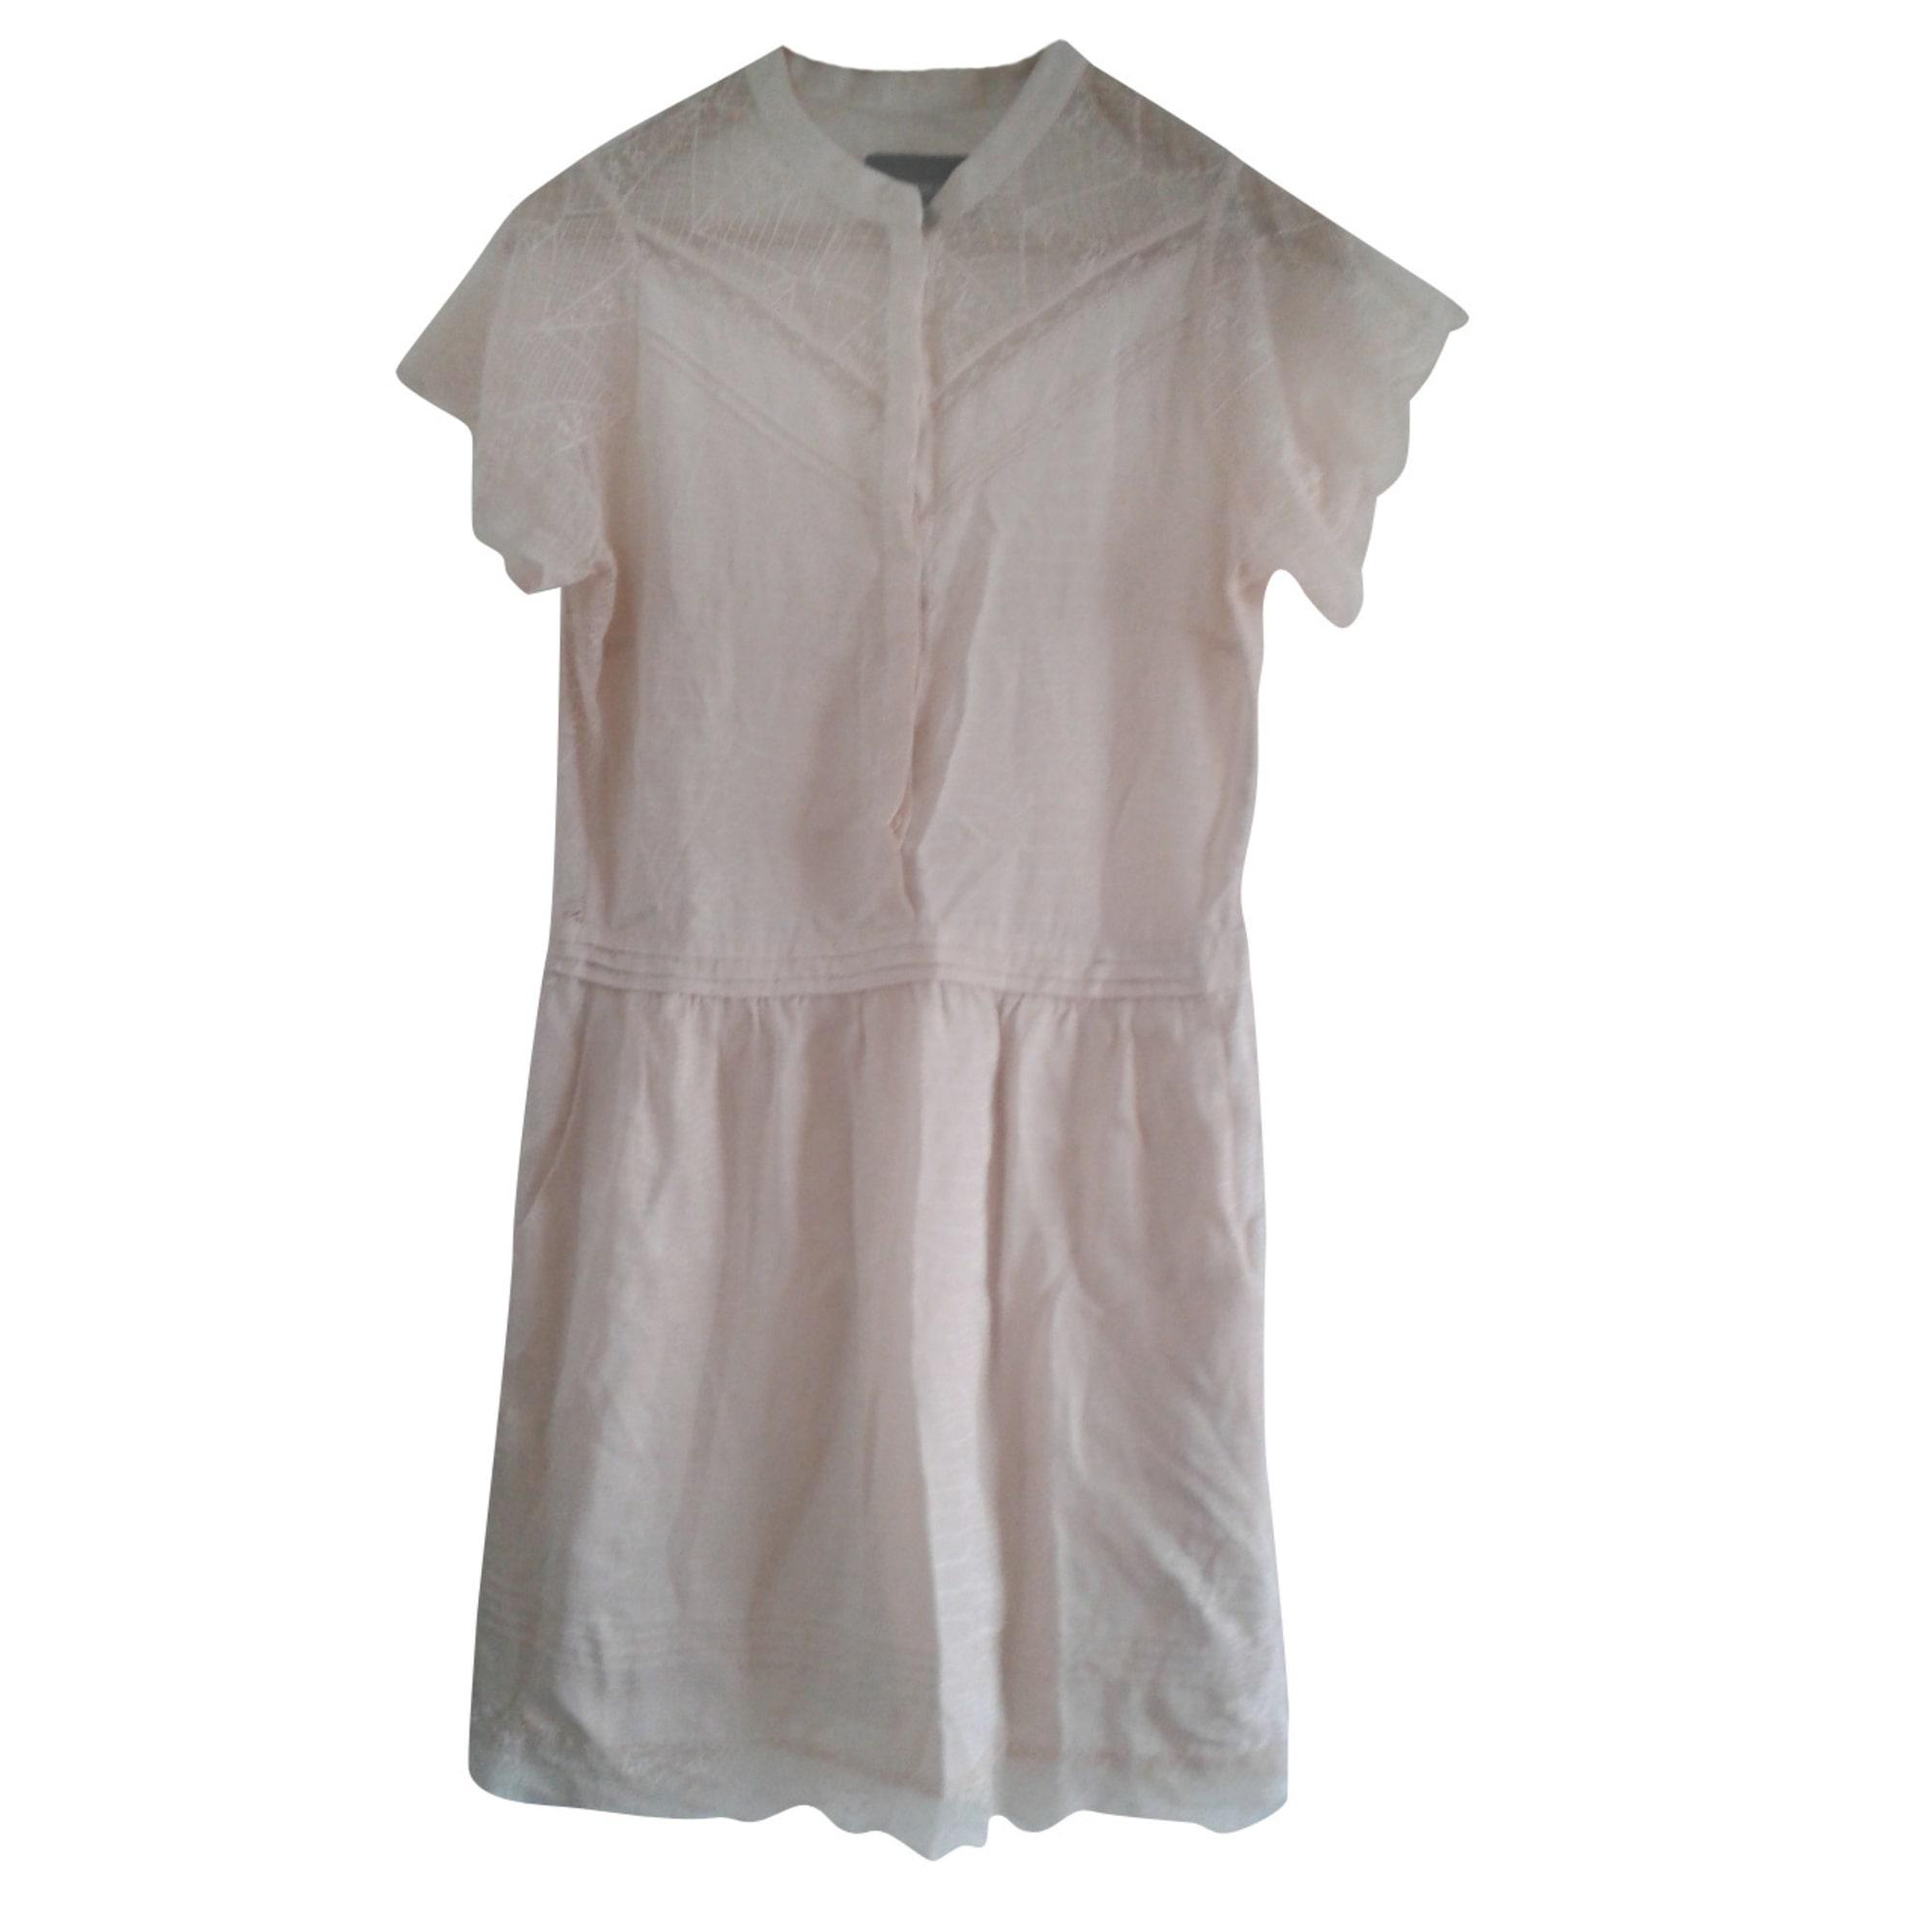 Robe Courte Zadig Voltaire 36 S T1 Rose Vendu Par Wiwi Fashion 7465210